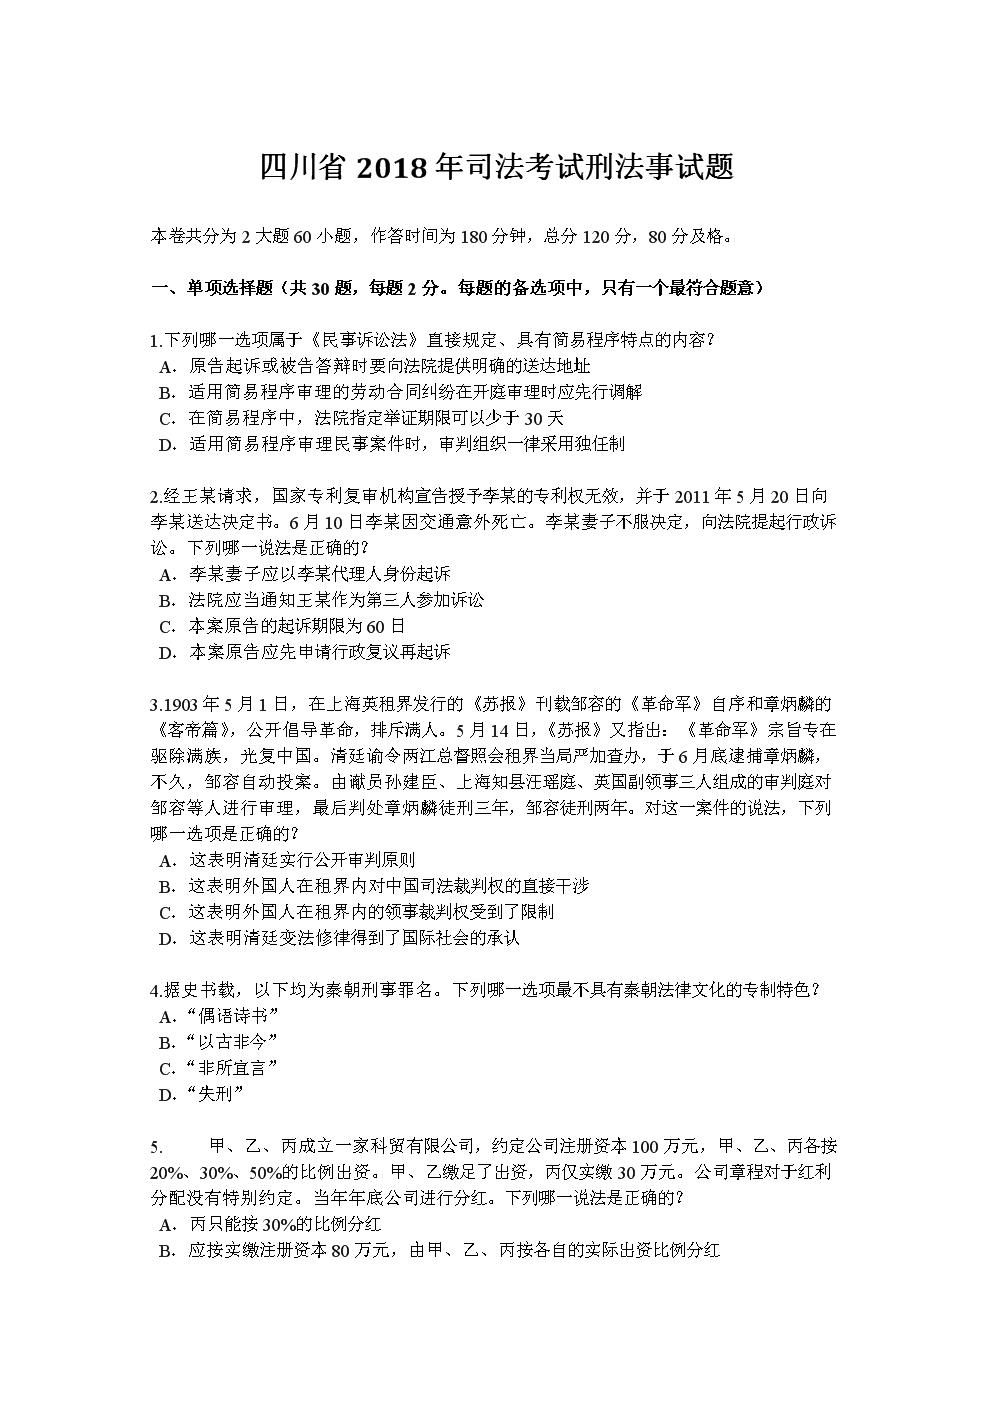 四川省2018年司法考试刑法事试题.docx